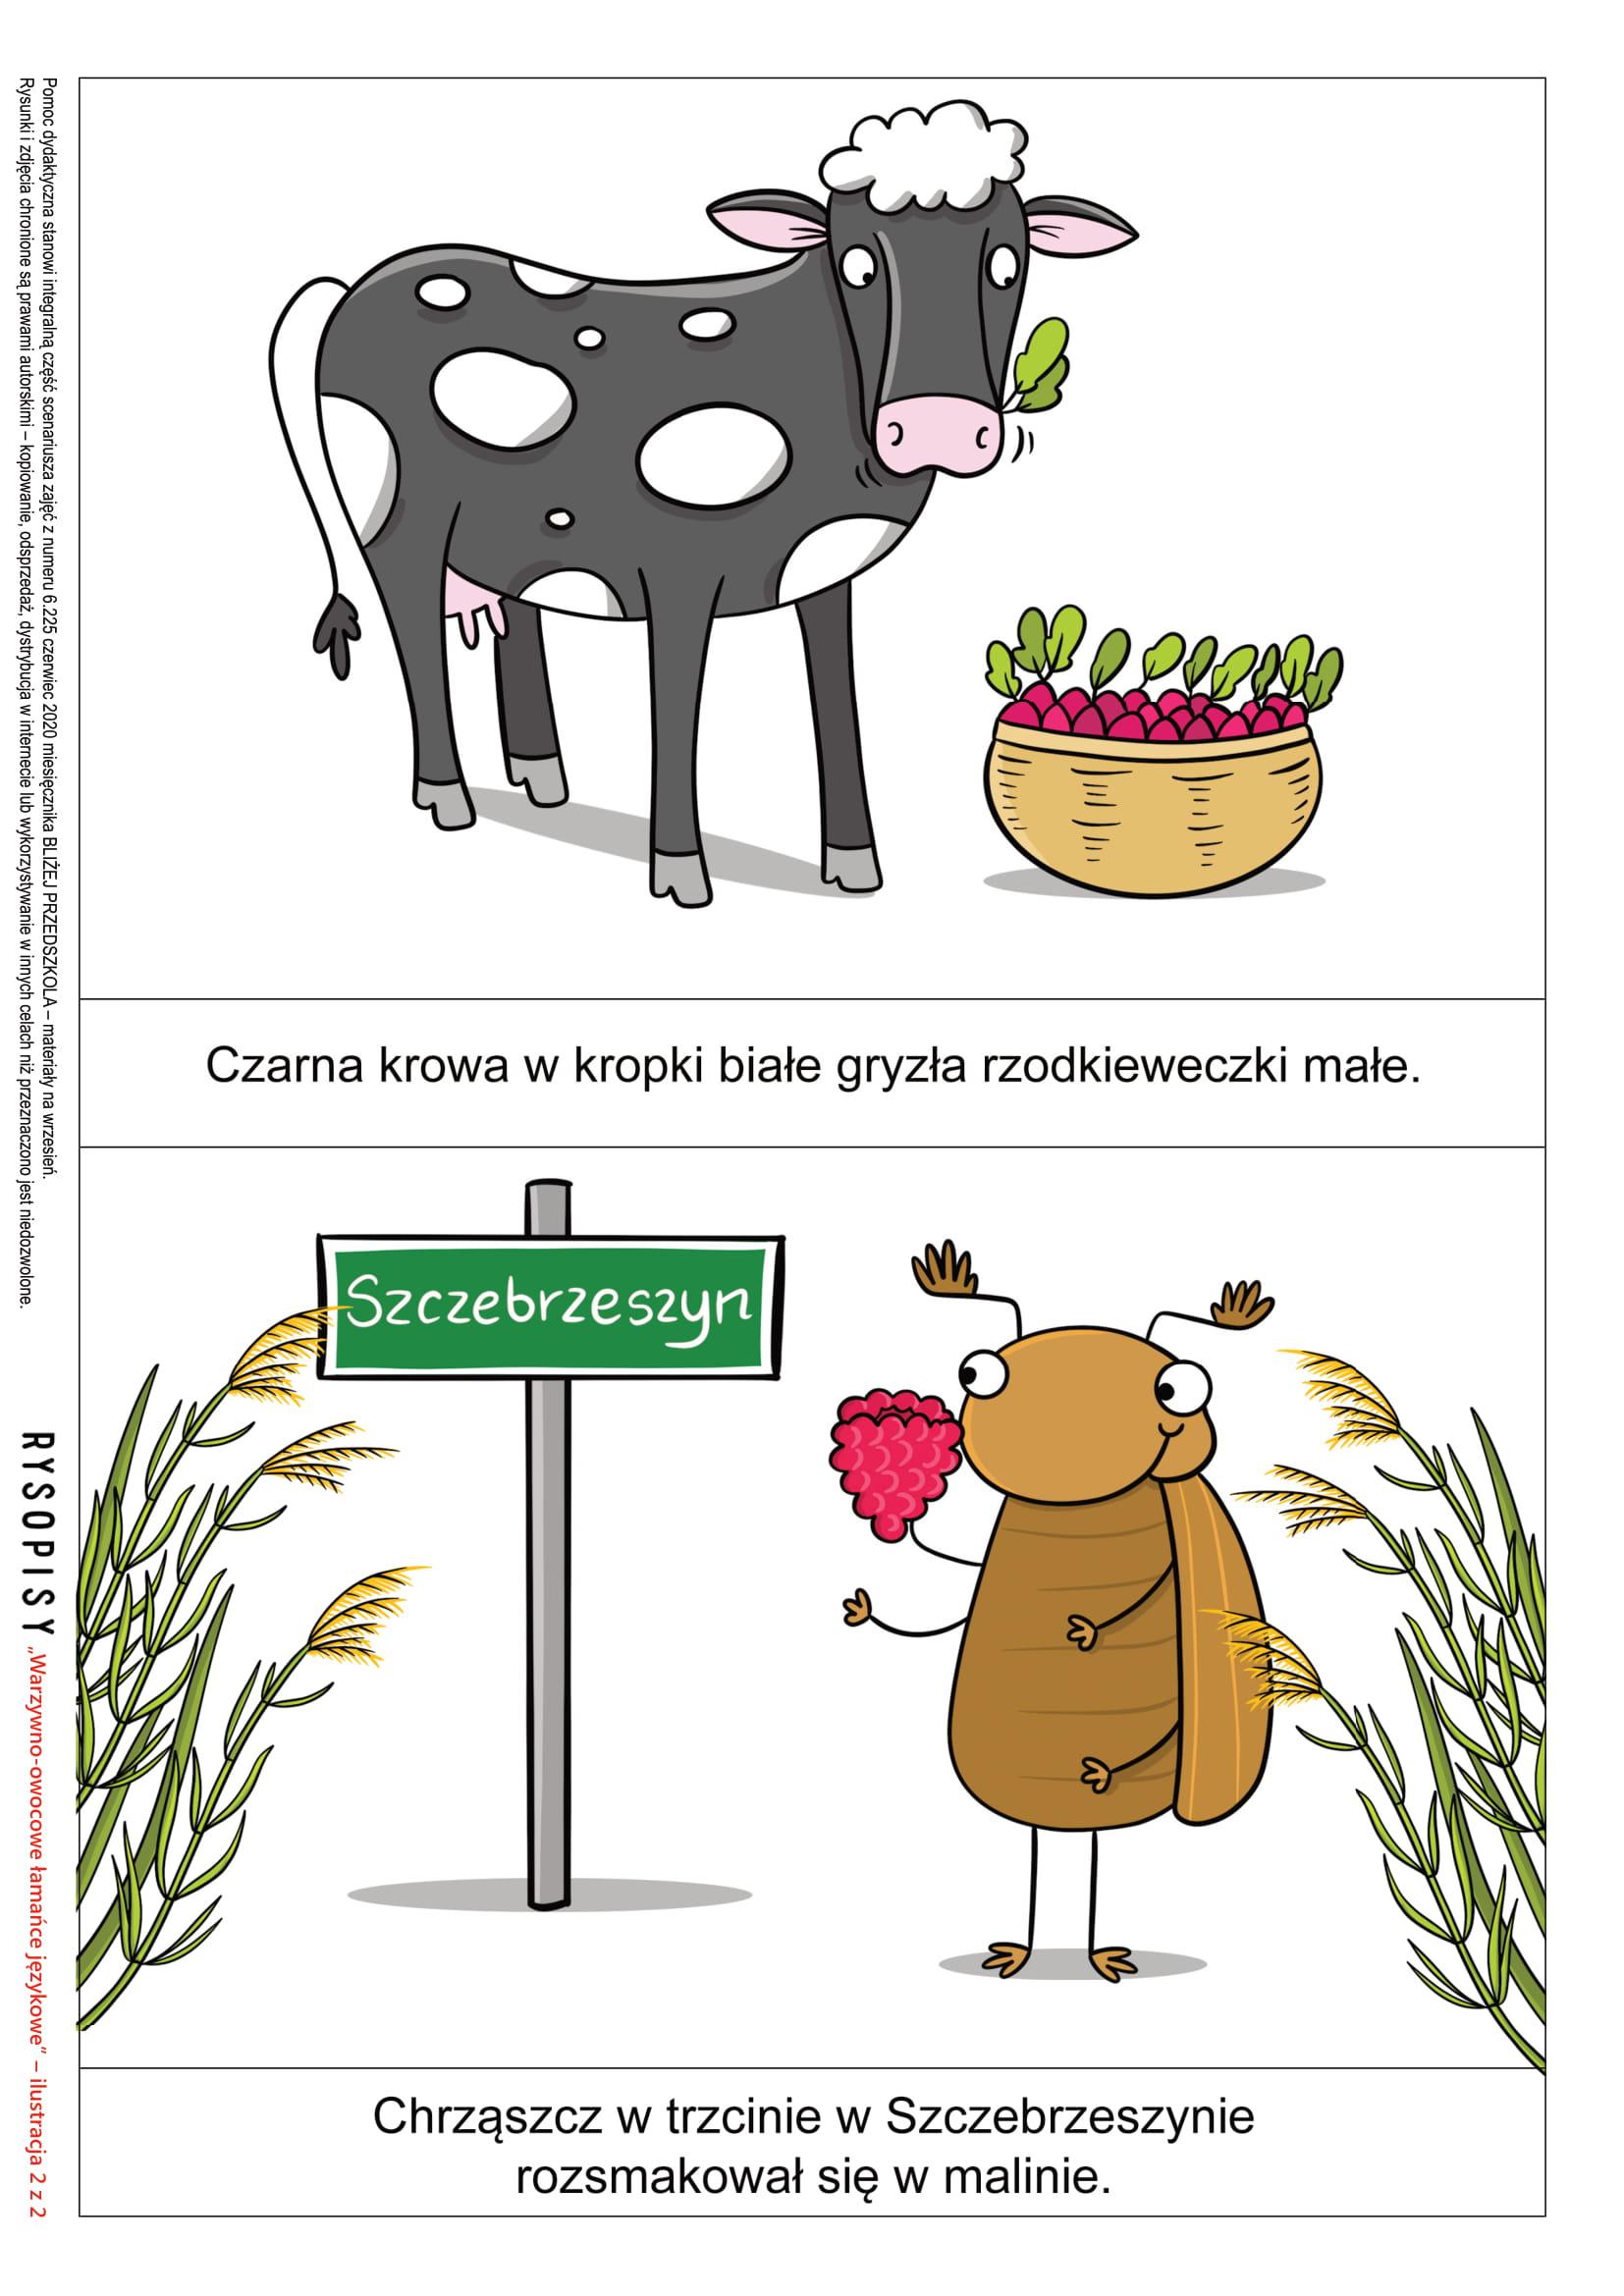 warzywno-owocowe-cwiczenia-na-poprawna-mowe-pd-225-1240-08